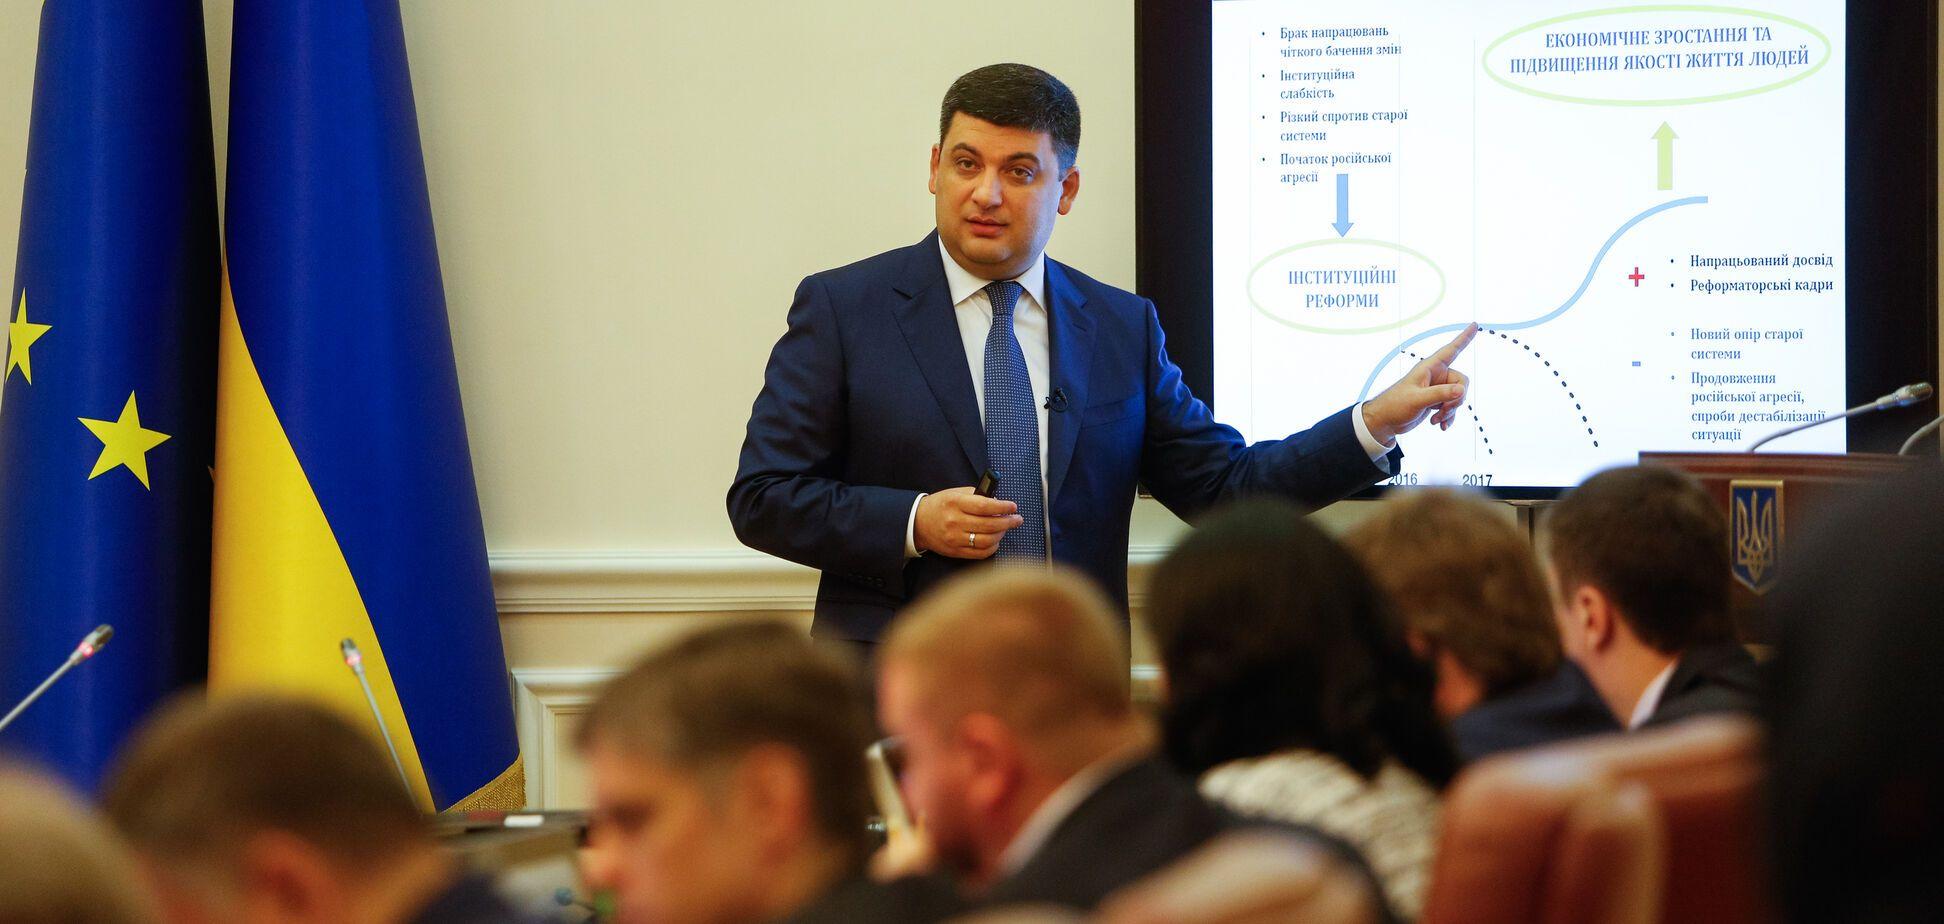 Схемы не вернутся: Гройсман рассказал о результатах борьбы с контрабандой в Украине